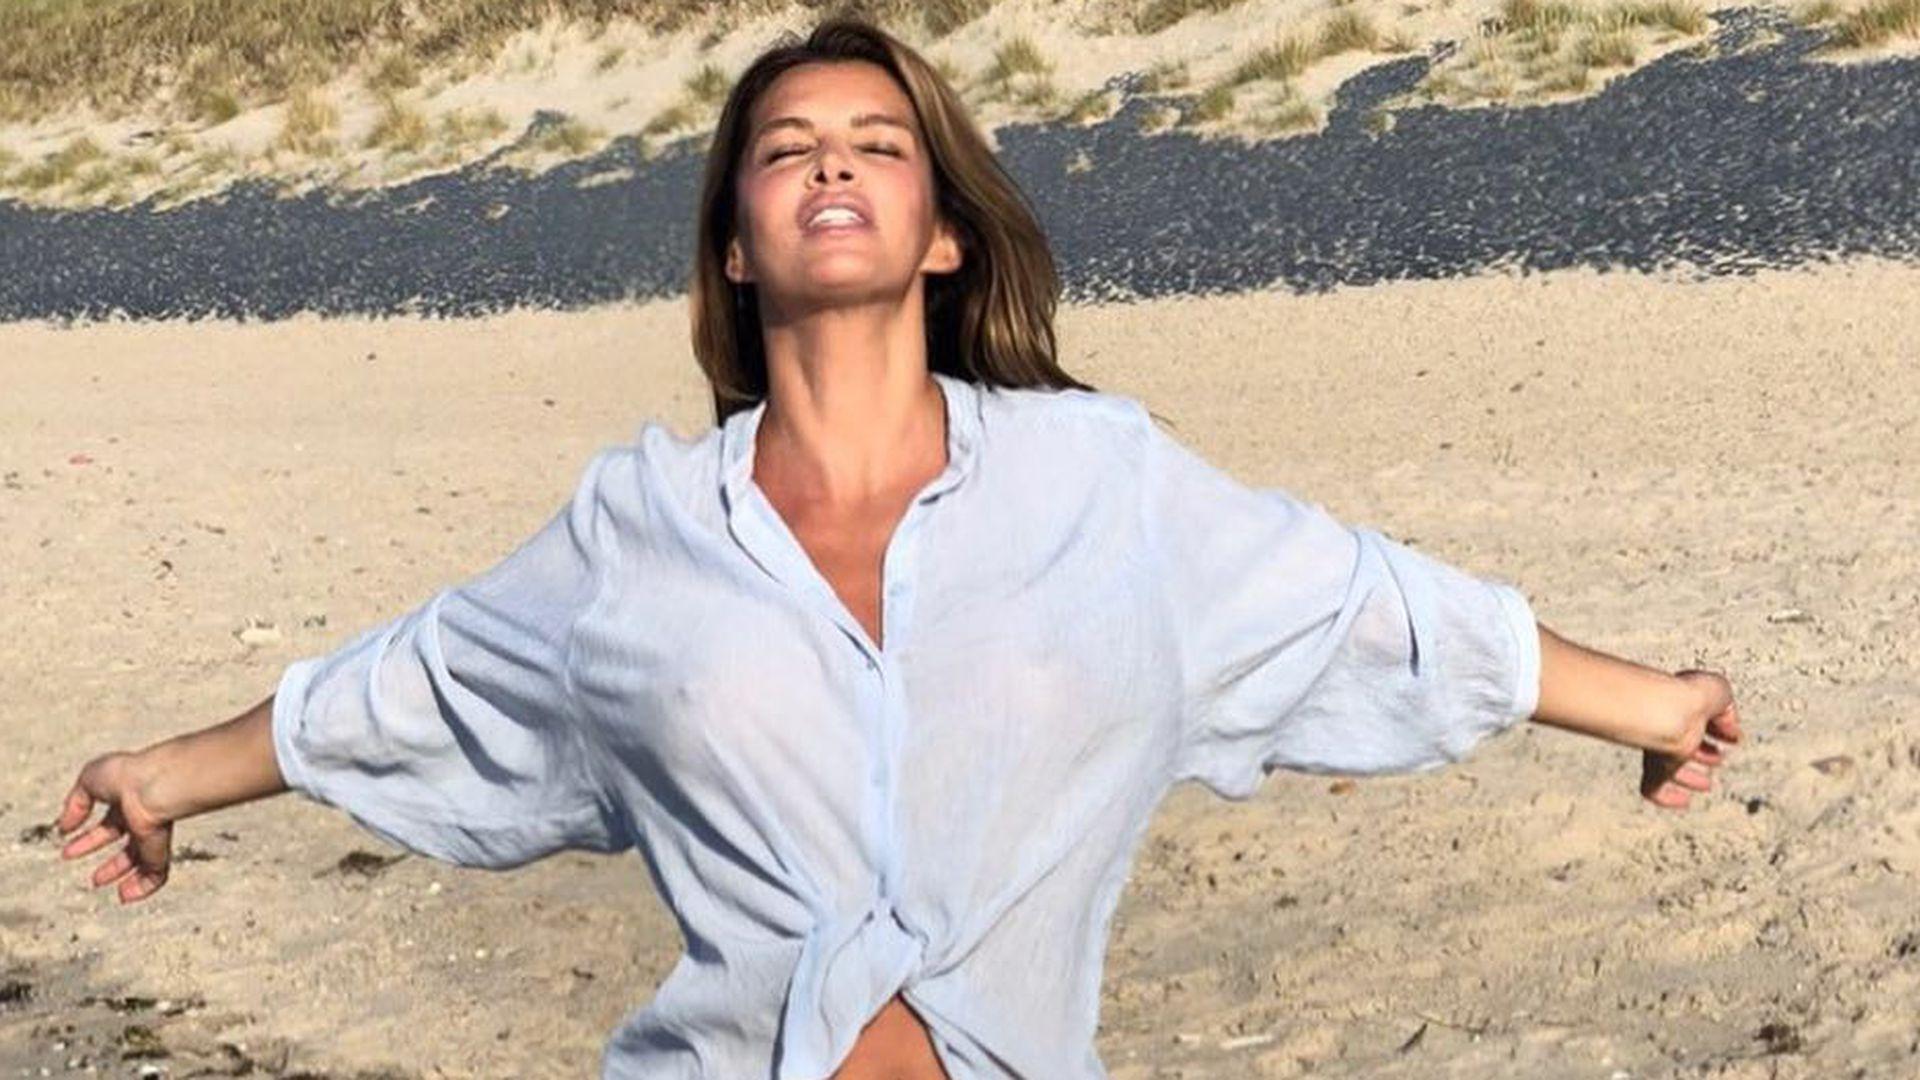 Sabia Boulahrouz Playboy: Vorbei: Sabia Boulahrouz Lässt Schwere Zeiten Hinter Sich